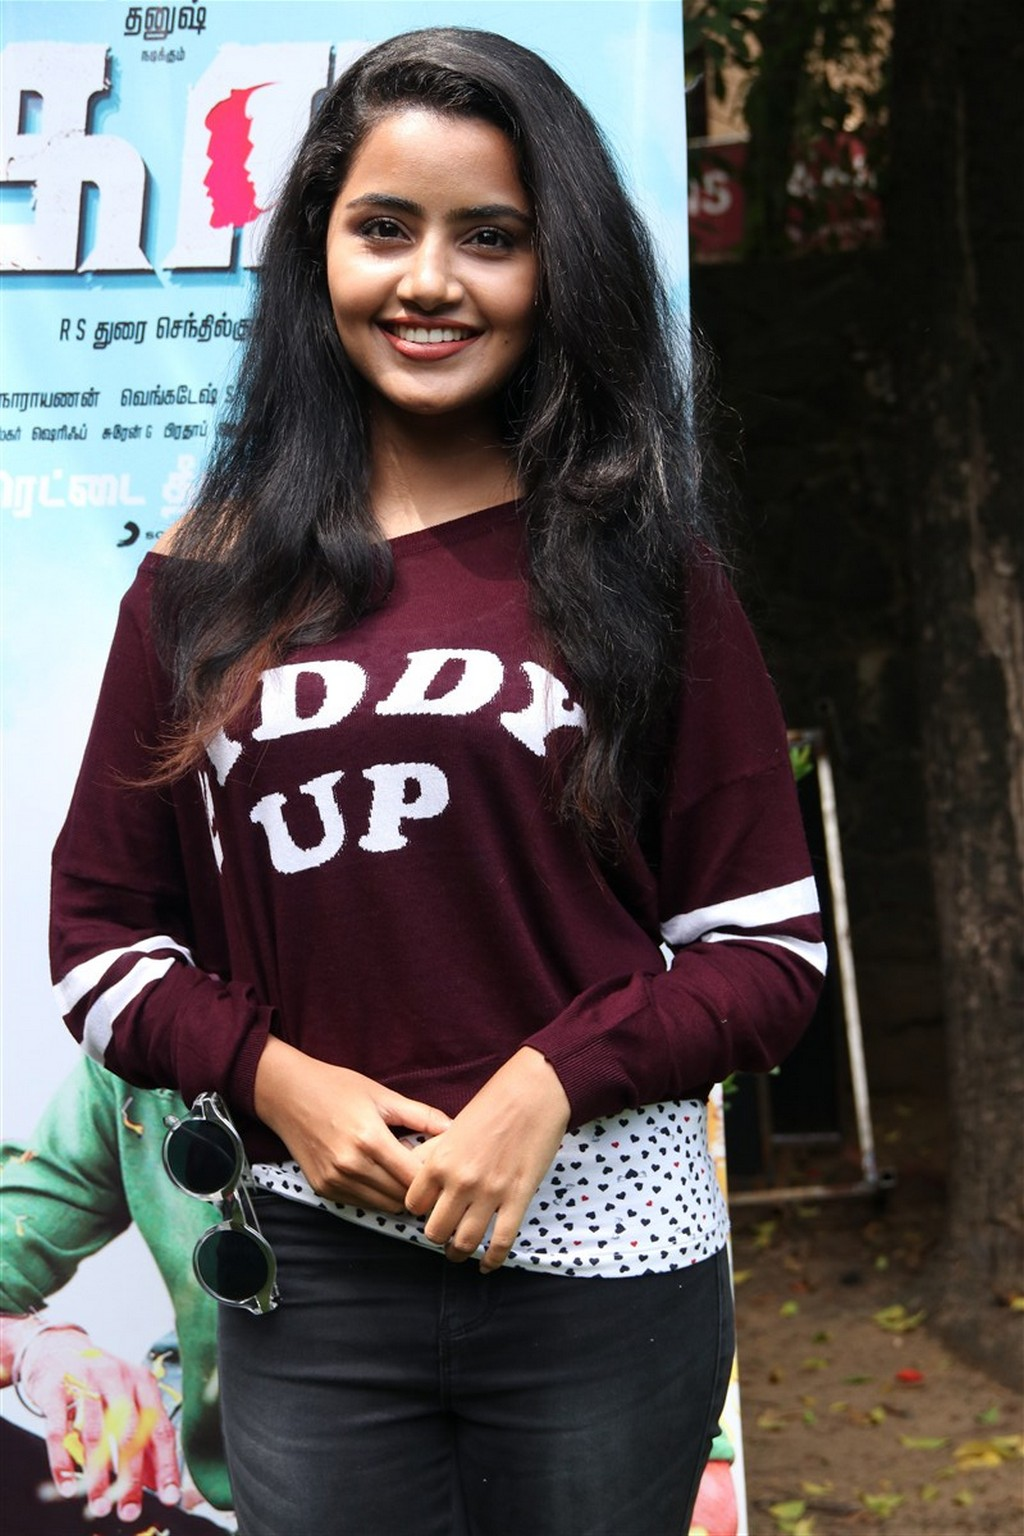 South Indian Bubbly Girl Anupama Parameshwaran Photos In Maroon Dress